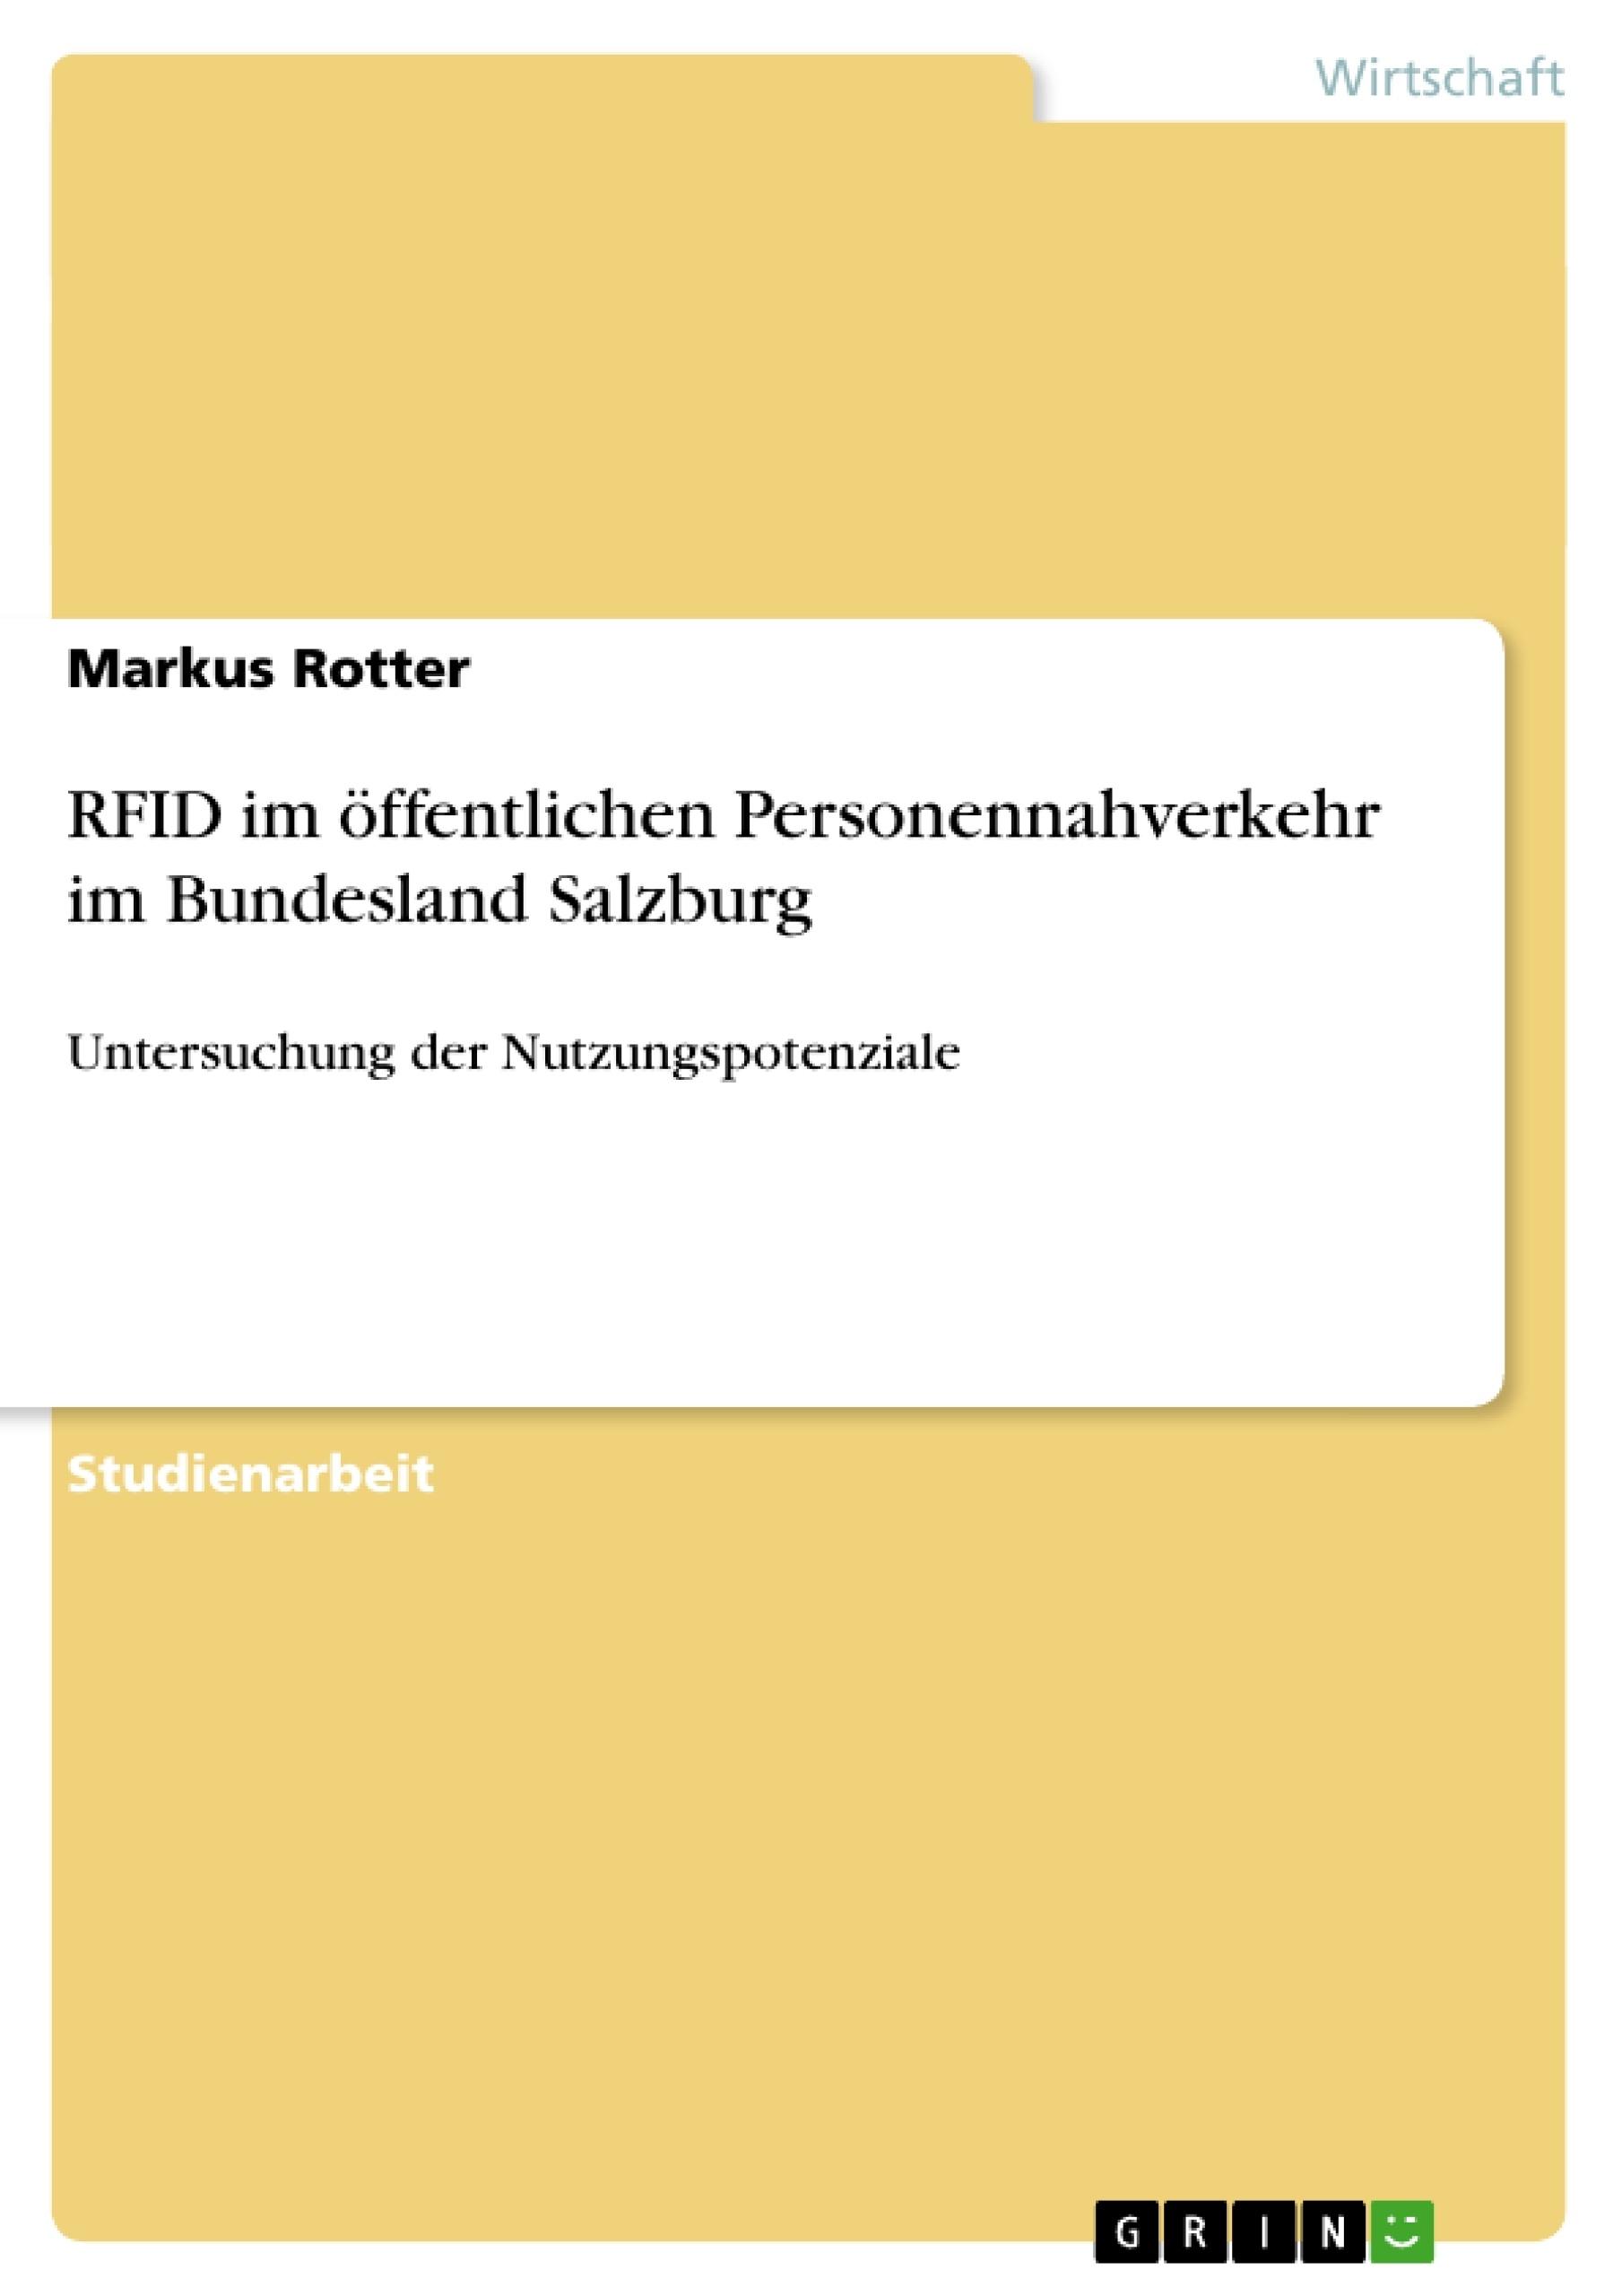 Titel: RFID im öffentlichen Personennahverkehr im Bundesland Salzburg